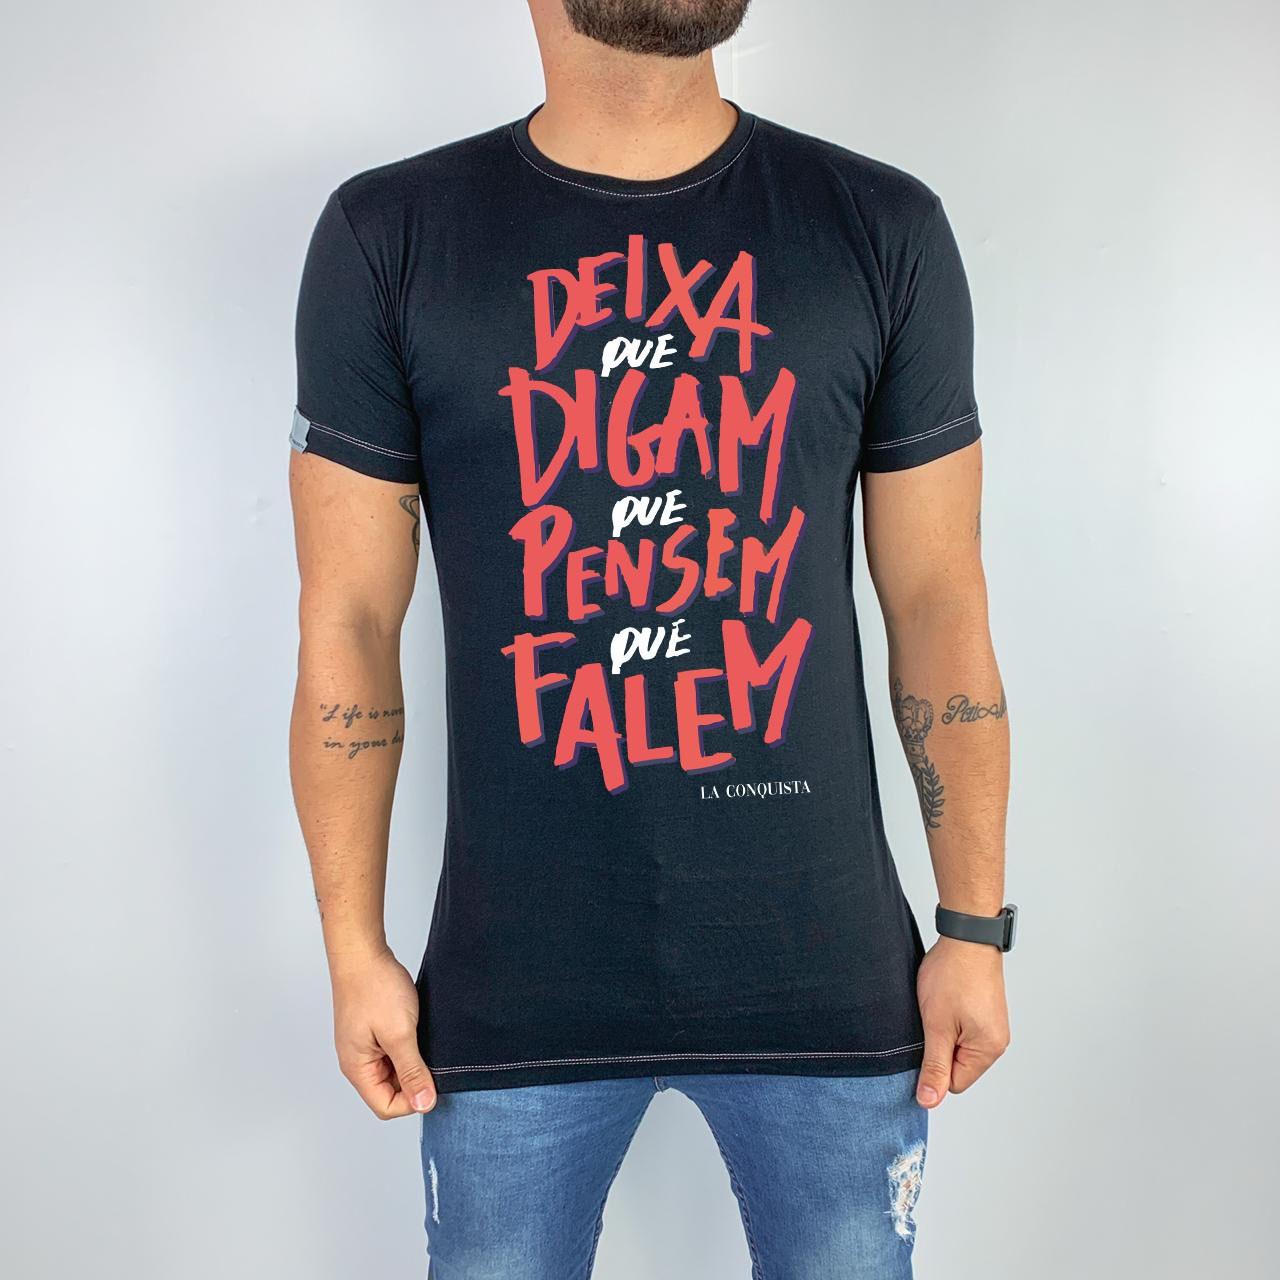 Camiseta Deixa que digam, que pensem, que falem.